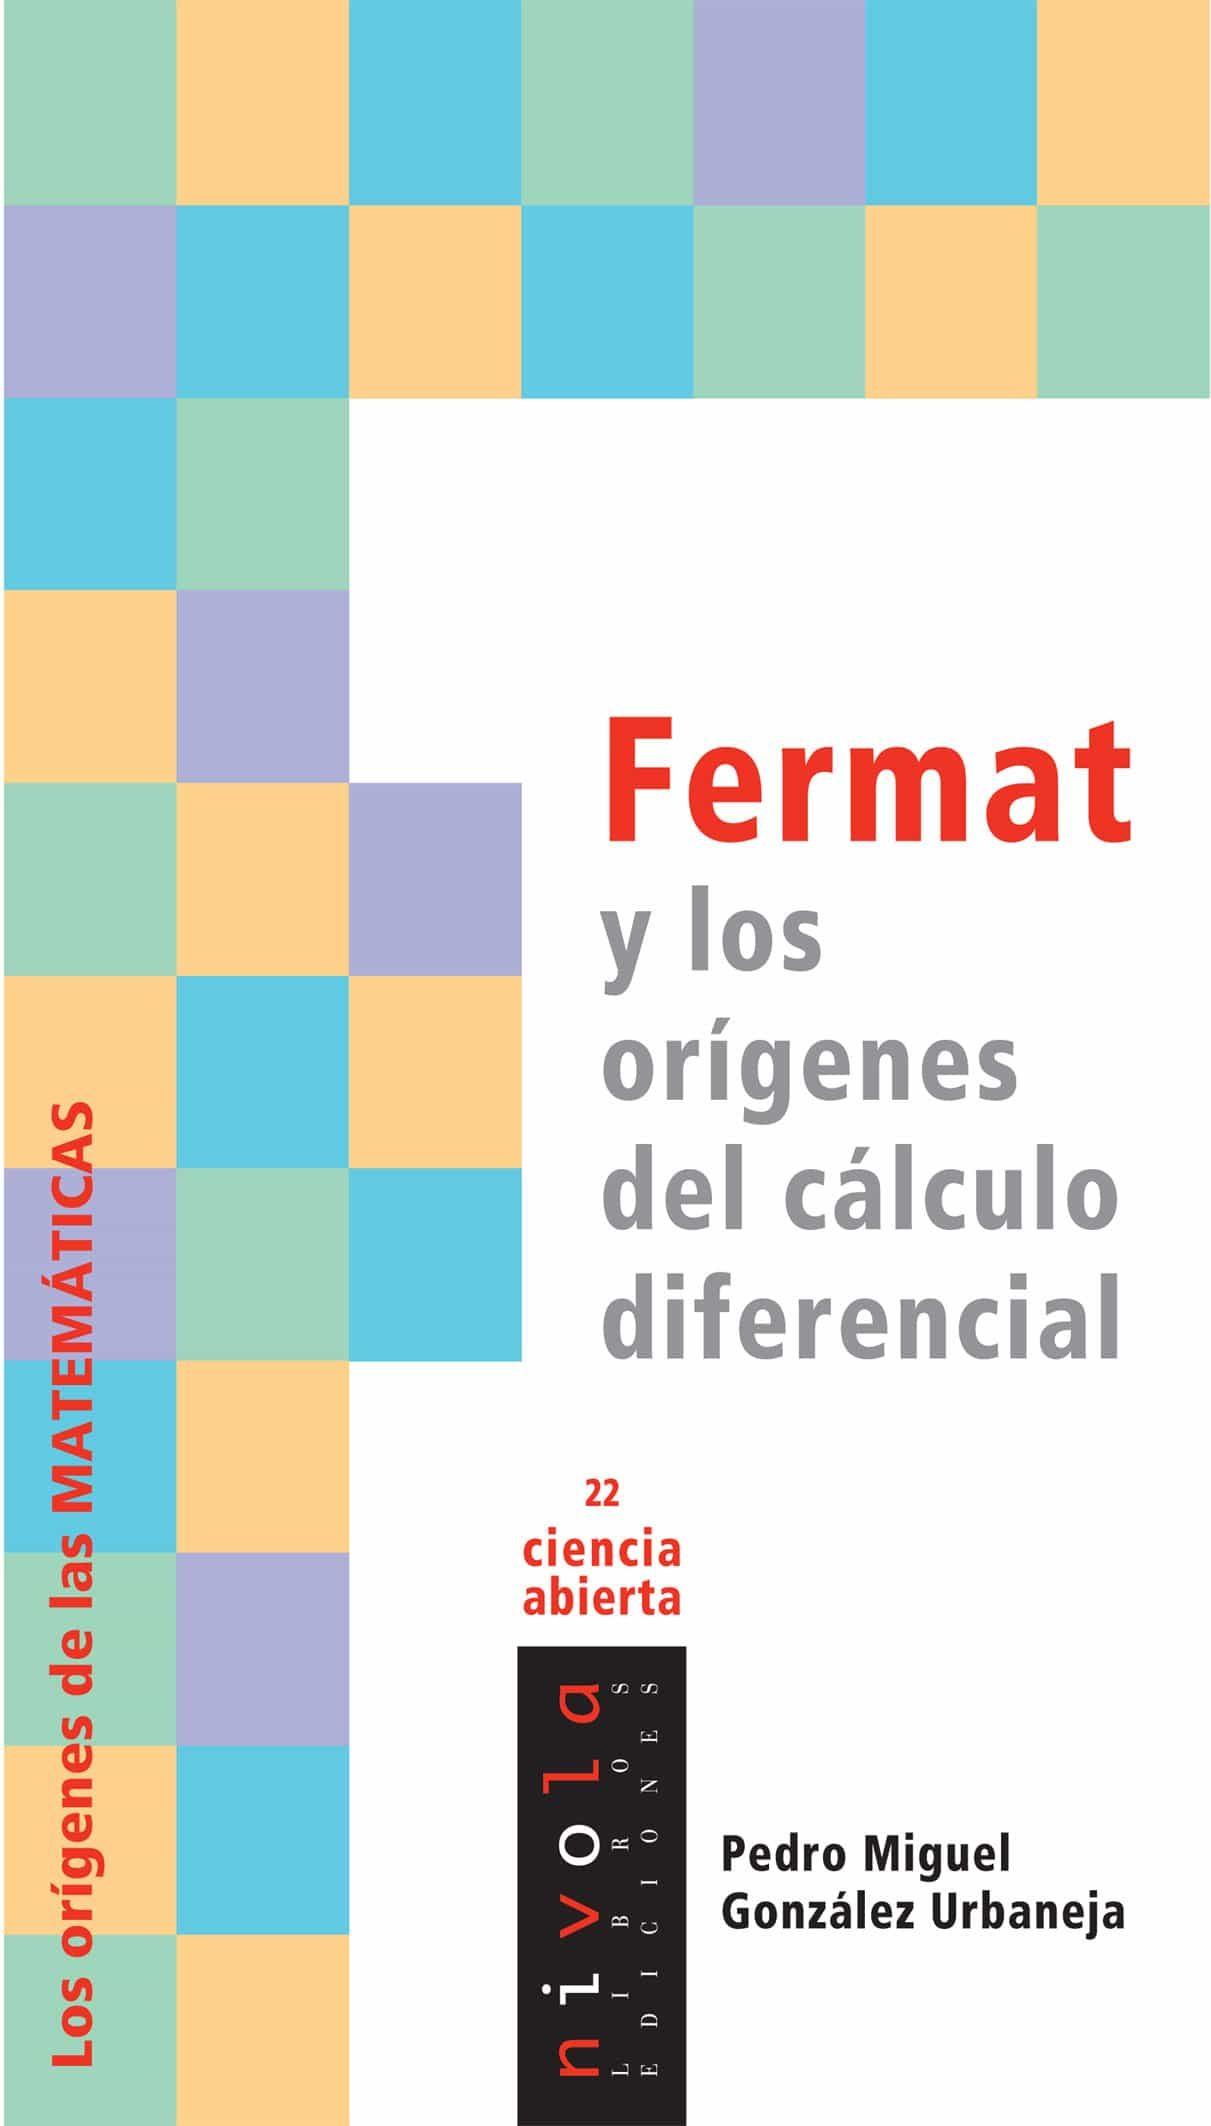 Fermat Y Los Origenes Del Calculo Diferencial - Gonzalez Urbaneja Pedro Miguel